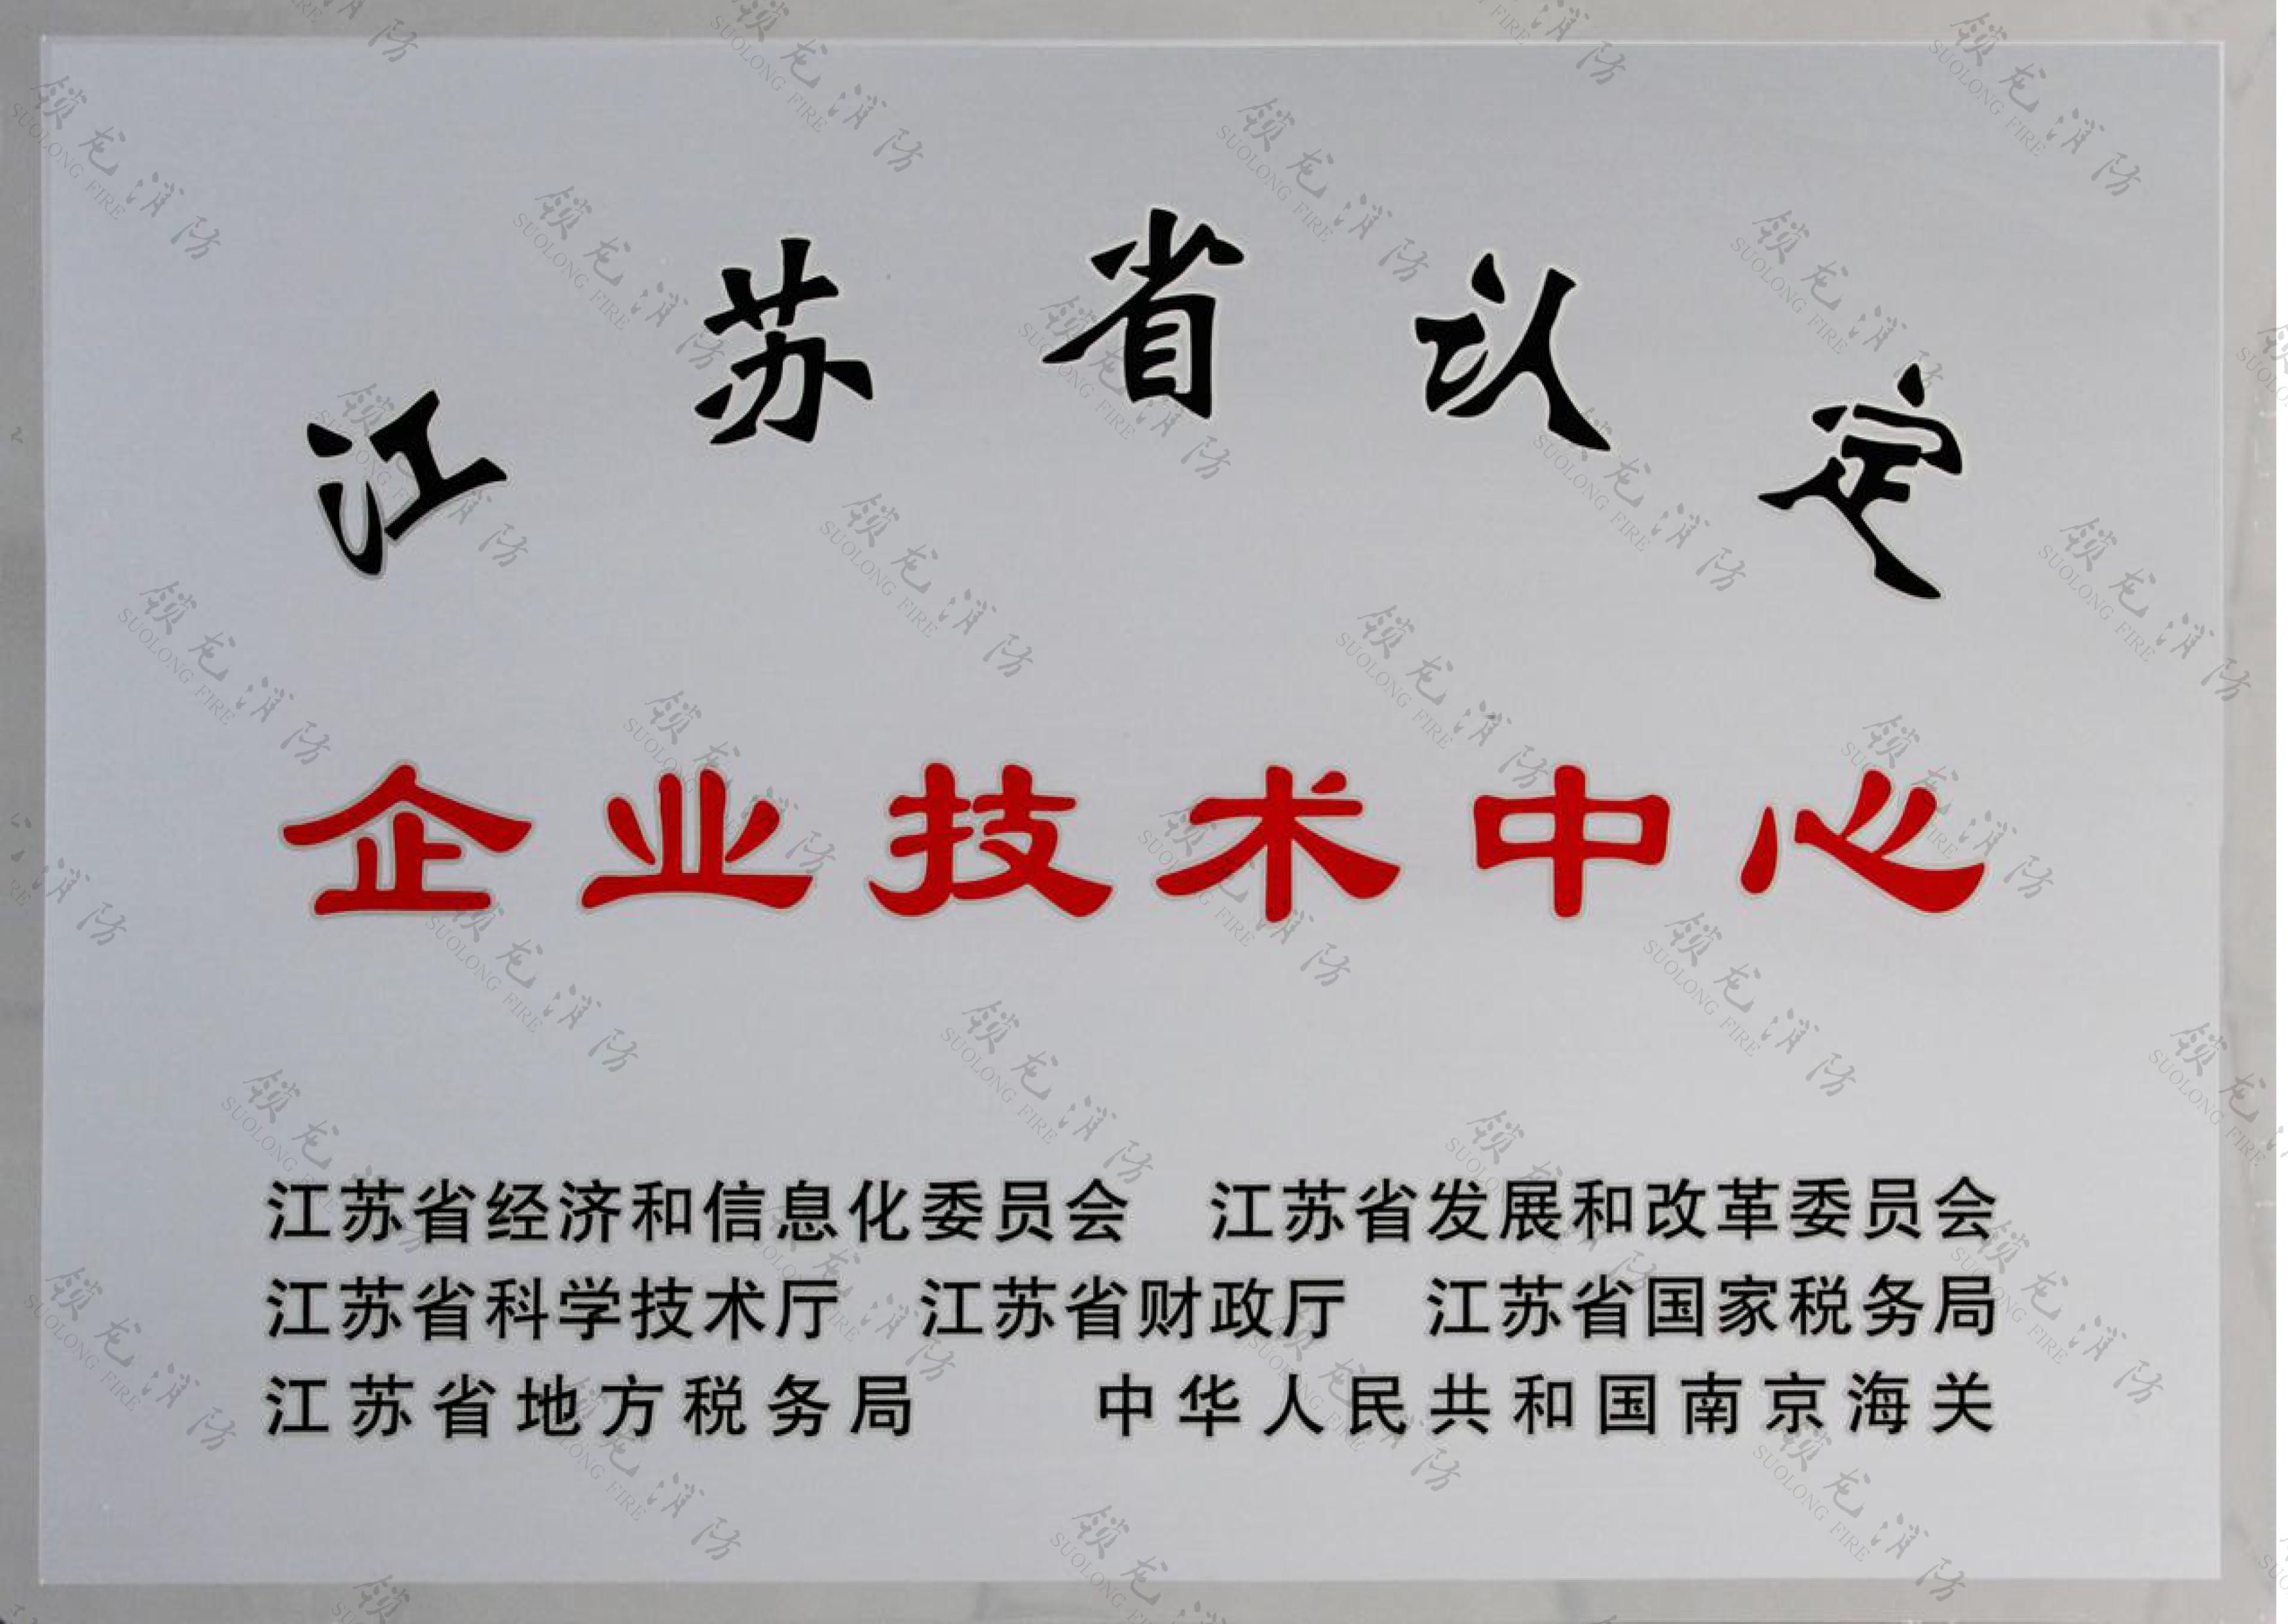 江蘇省認定企業技術中心